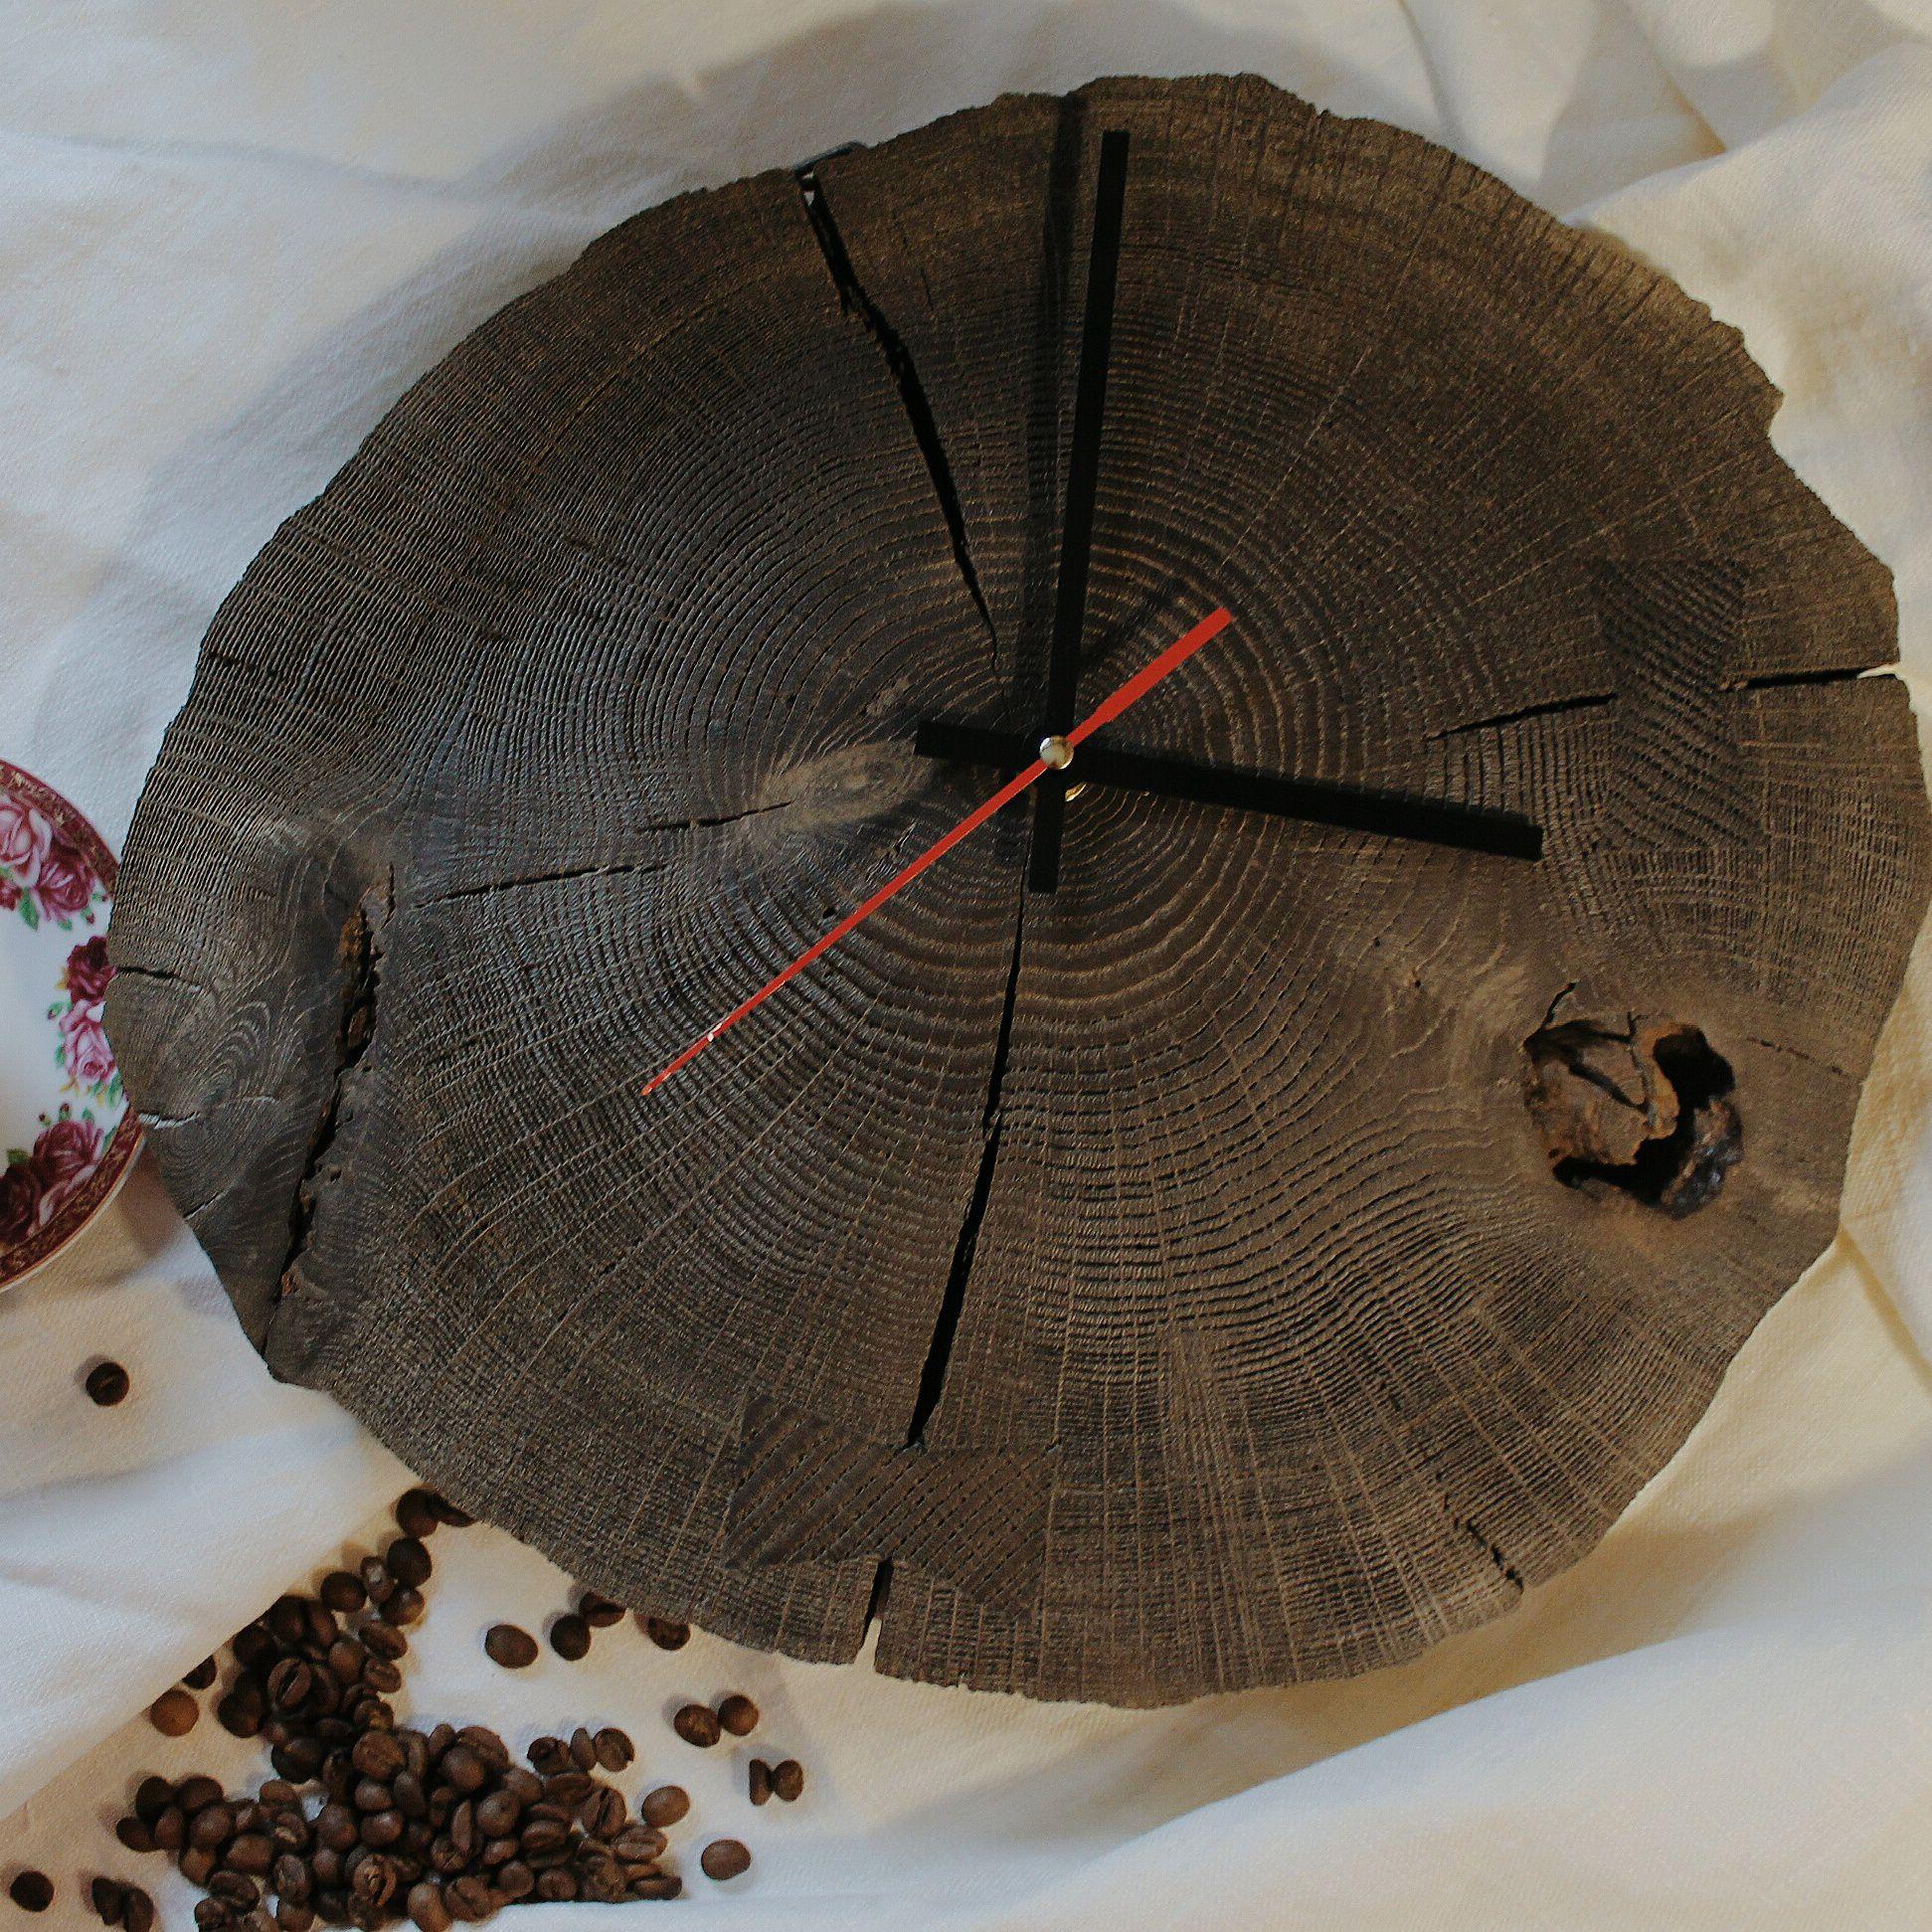 подарок картина работа ручная издерева для уют интерьер аксессуары дизайн часы дерева ручной дерево дом